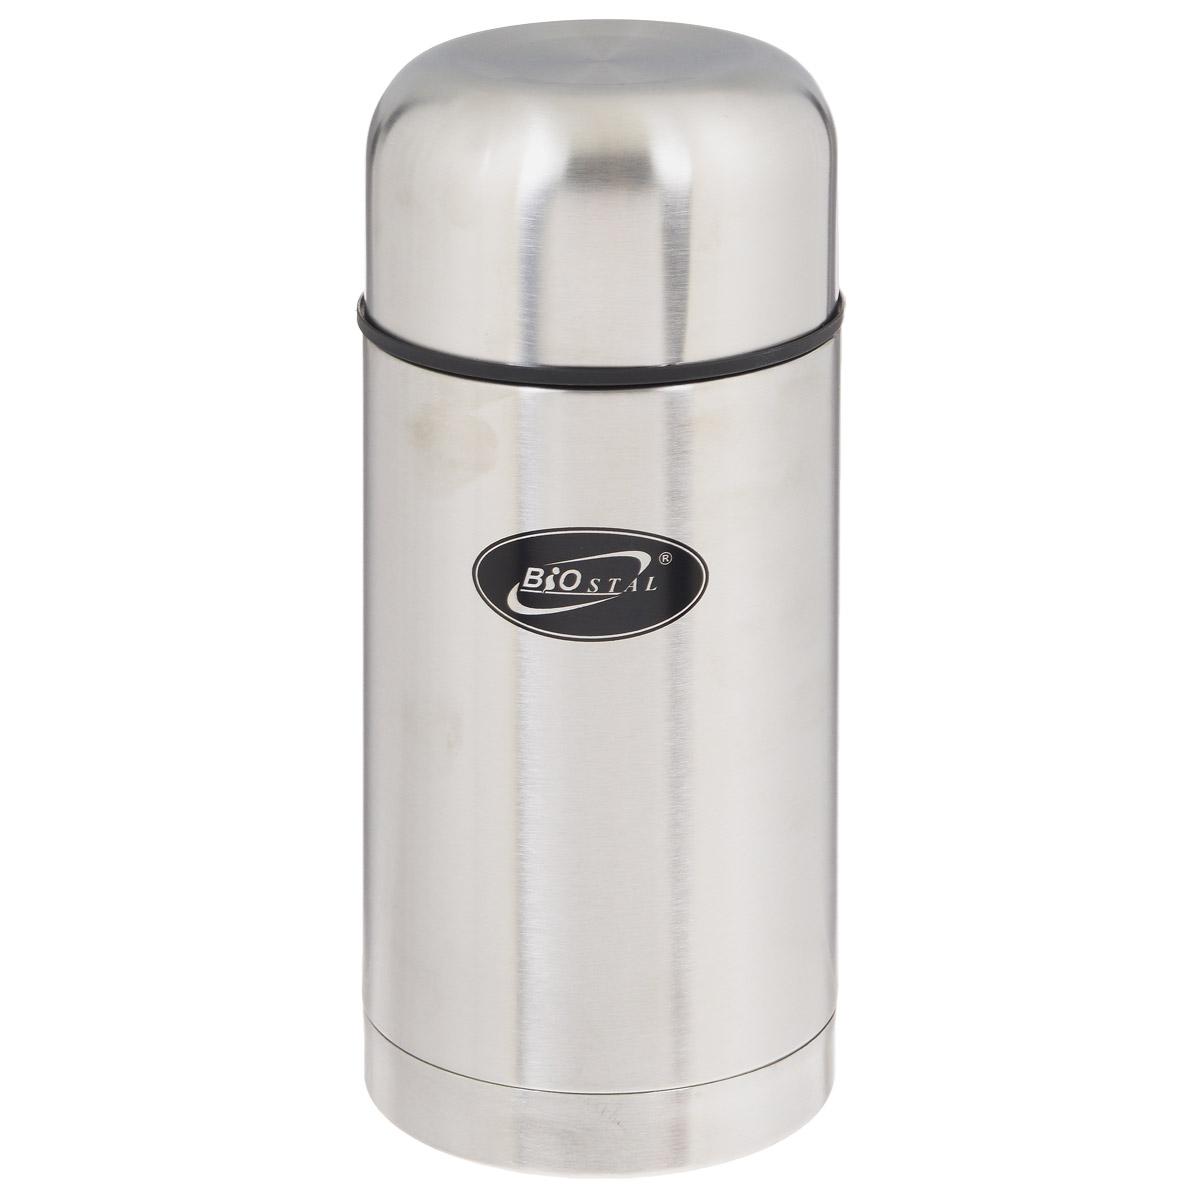 Термос BIOSTAL, в чехле, 1 л. NT-10002427012001Пищевой термос с широким горлом BIOSTAL, изготовленный из высококачественной нержавеющей стали, относится к классической серии. Термосы этой серии, являющейся лидером продаж, просты в использовании, экономичны и многофункциональны. Термос с широким горлом предназначен для хранения горячей и холодной пищи, замороженных продуктов, мороженного, фруктов и льда и укомплектован пробкой с клапаном. Такая пробка обладает дополнительной теплоизоляцией и позволяет термосу дольше хранить тепло, а клапан облегчает его открытие.Изделие также оснащено крышкой-чашкой и текстильным чехлом для хранения и переноски термоса. Легкий и прочный термос BIOSTAL сохранит ваши напитки горячими или холодными надолго.